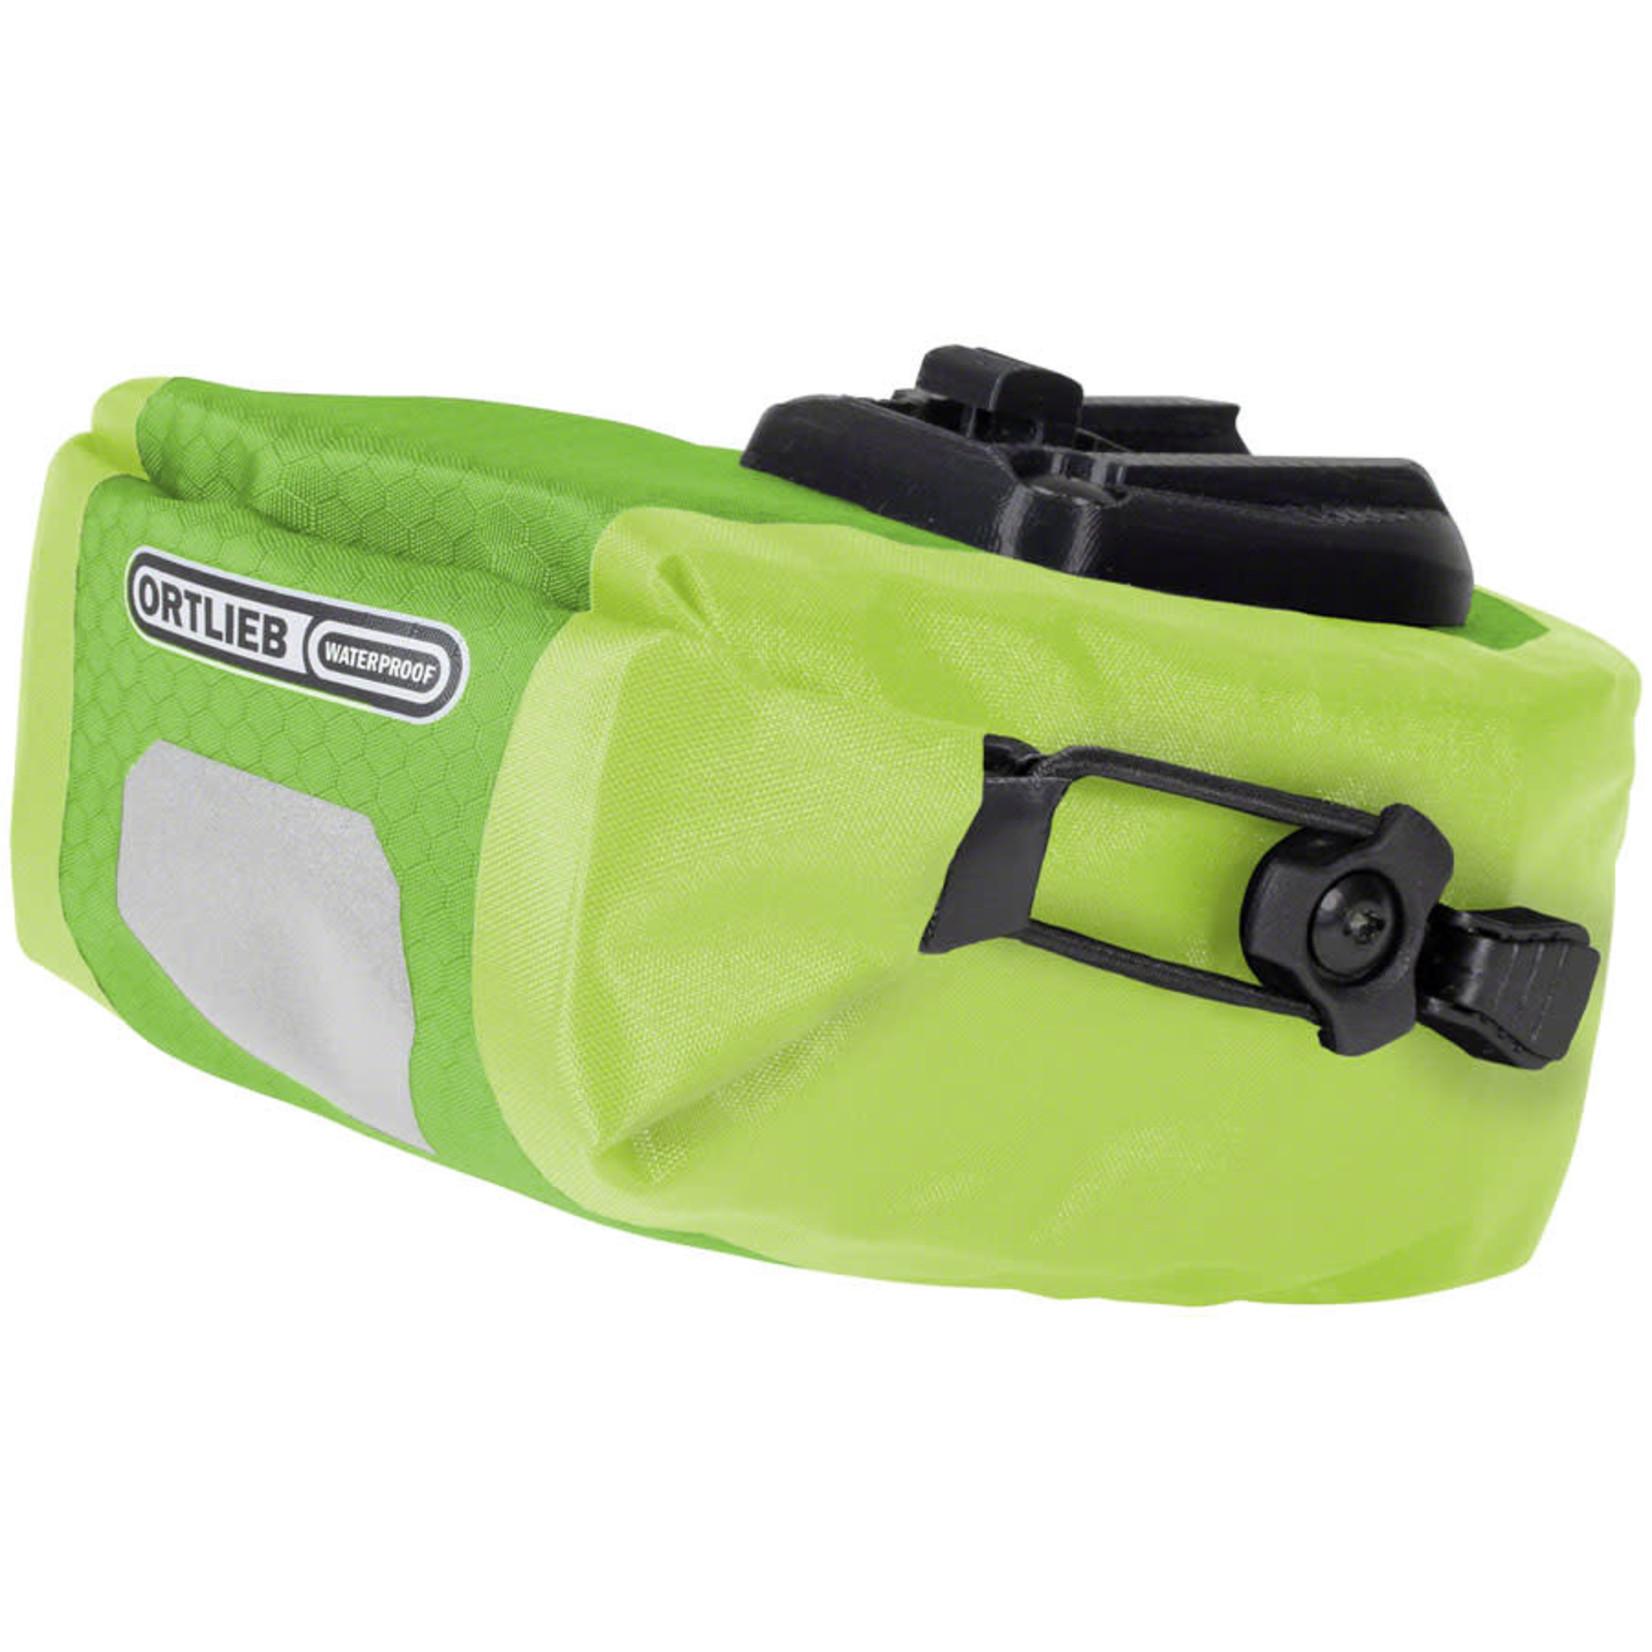 Ortlieb Ortlieb Micro Two Saddle Bag: Lime 0.8L